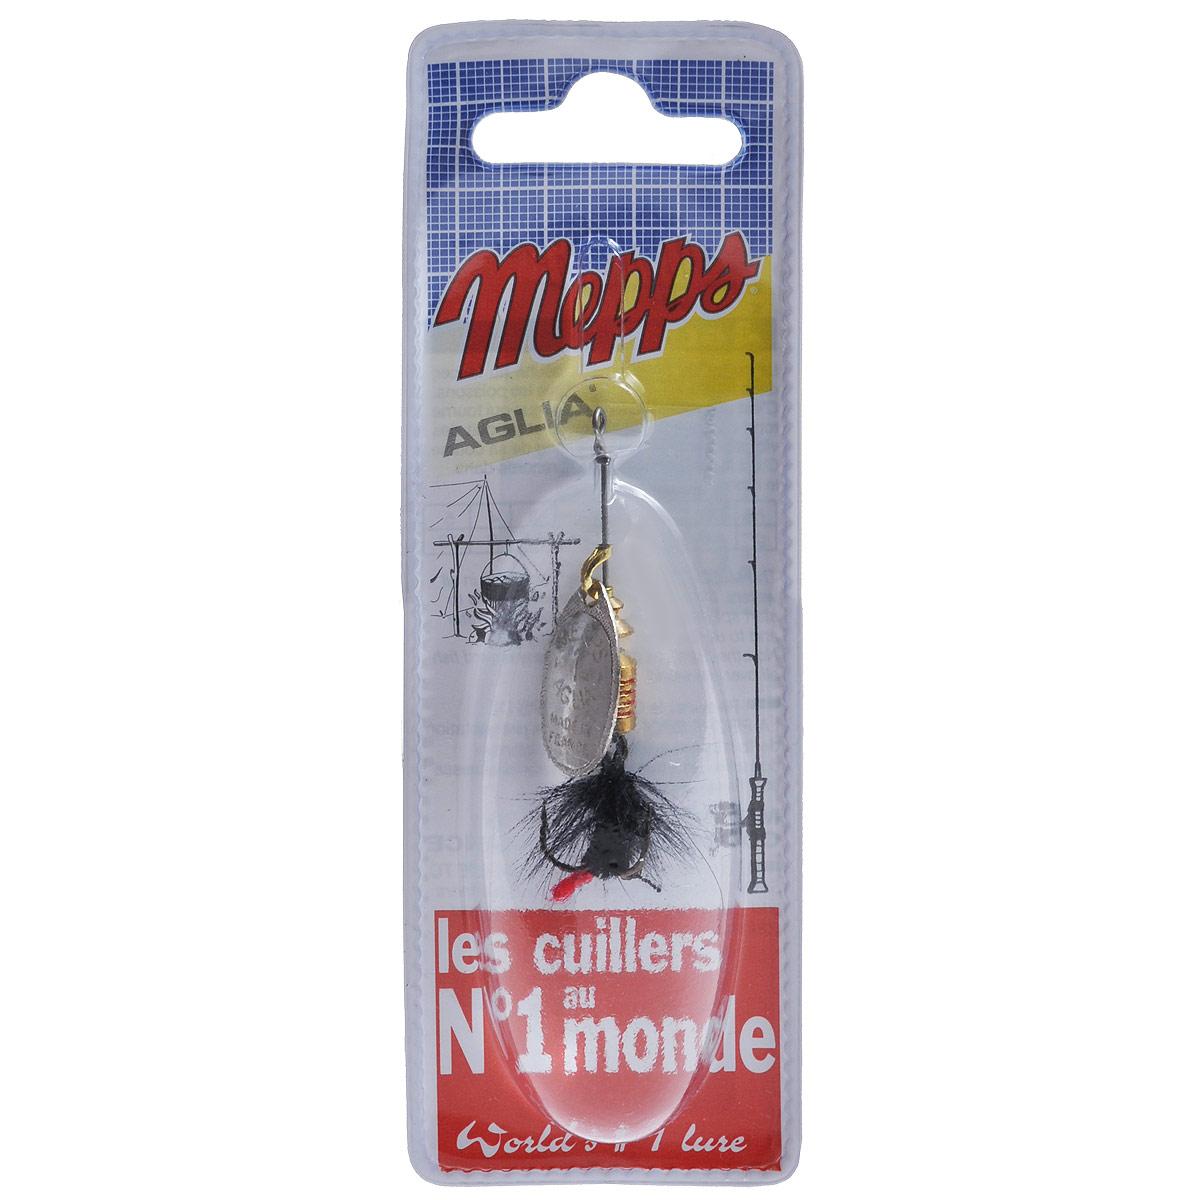 Блесна Mepps Aglia AG Mouch. Noire, вращающаяся, №128920Вращающаяся блесна Mepps Aglia AG Mouch. Noire оснащена мушкой из натурального беличьего хвоста, это очень эффективные приманки для ловли жереха, голавля, язя, окуня и других видов рыб, особенно в периоды массового вылета насекомых.Aglia Mouche - некрупная блесна, которая особенно подходит для летней ловли рыбы (особенно осторожной) на мелководье.